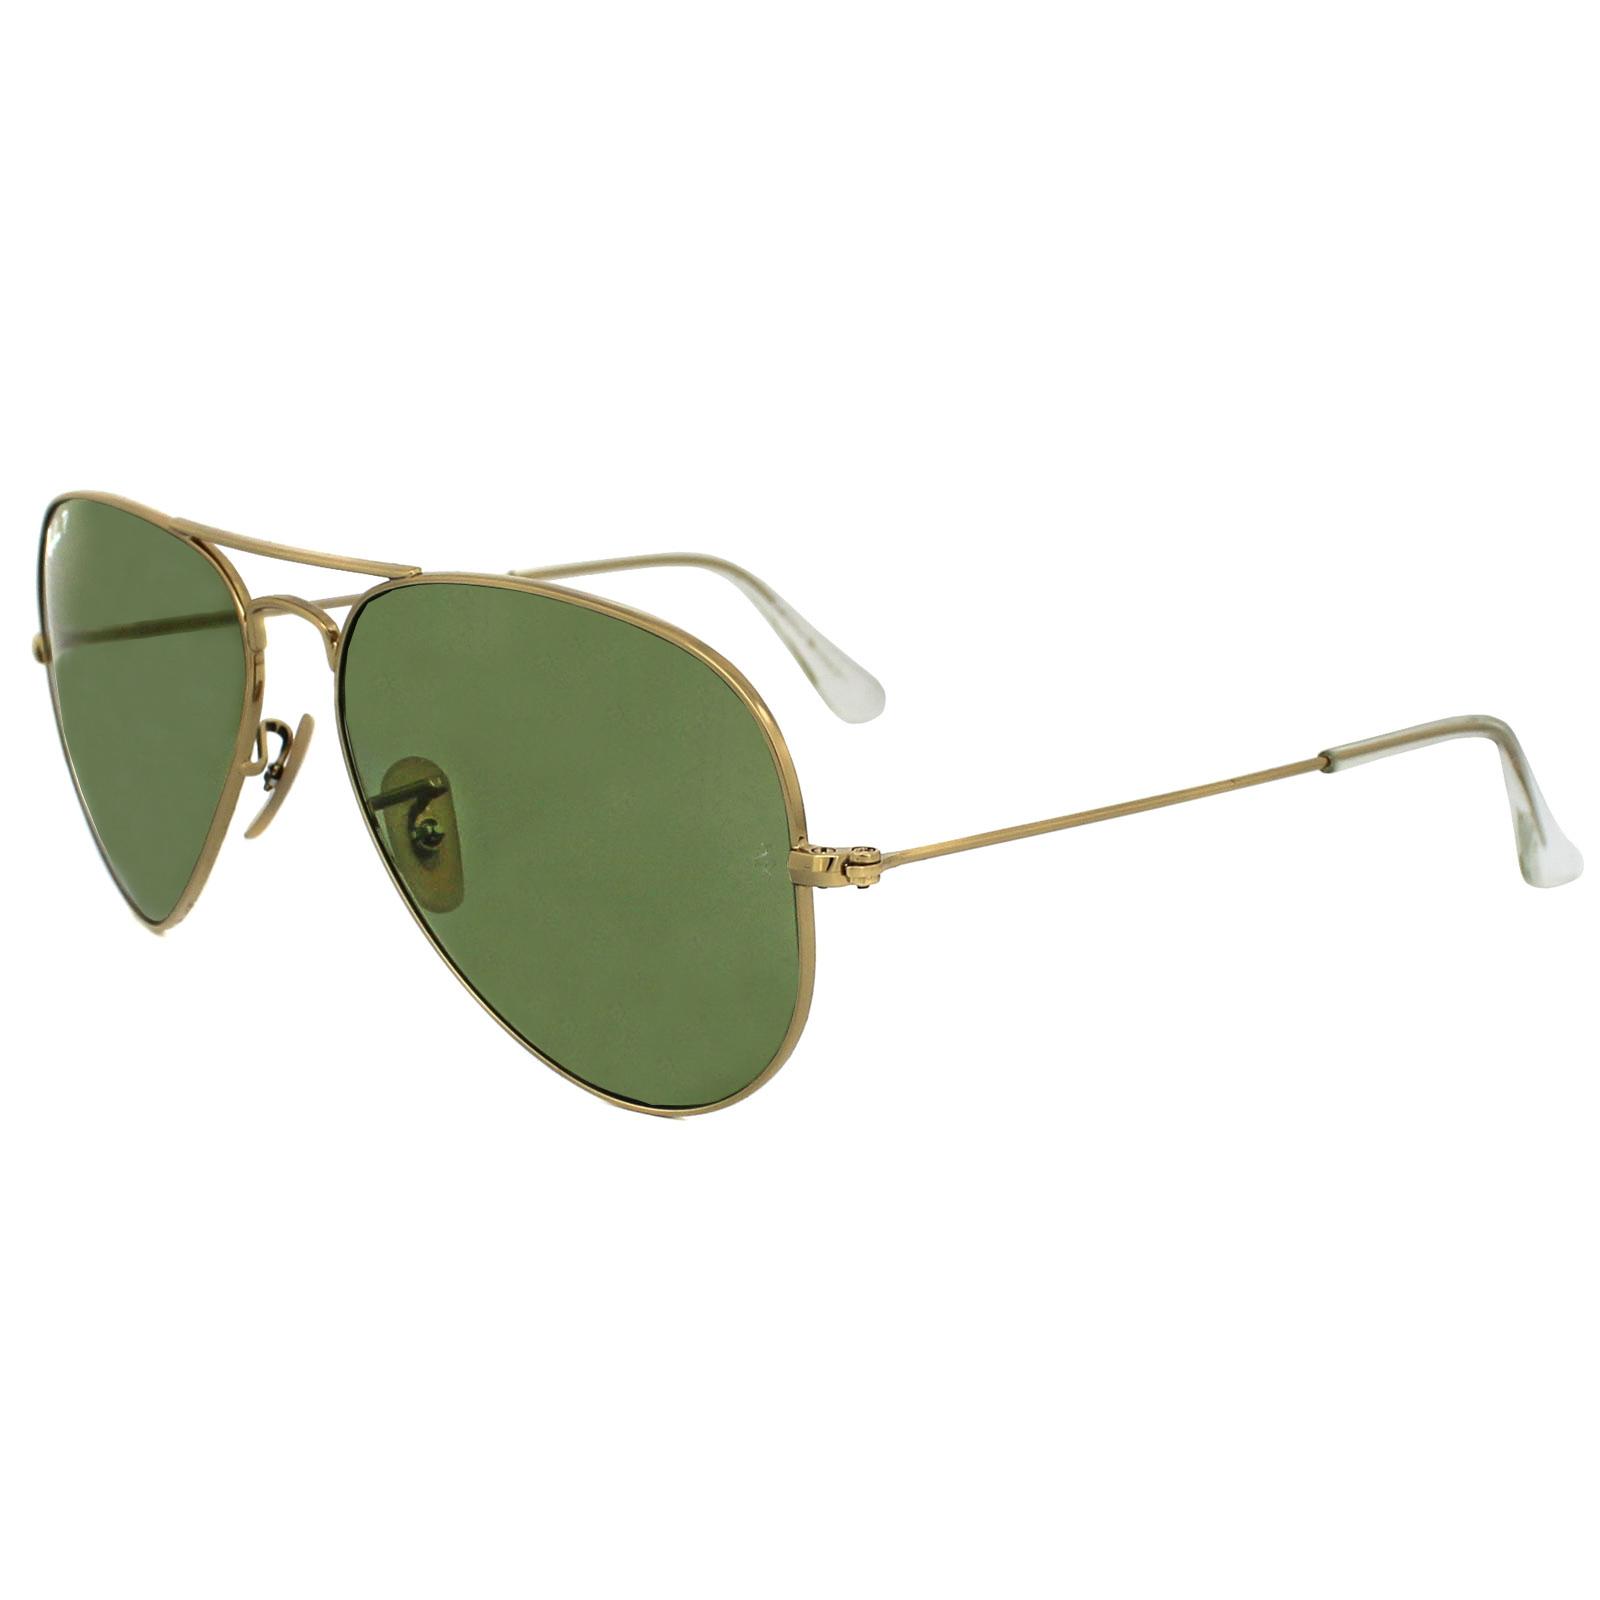 Ray-Ban Sunglasses Aviator 3025 001/P1 Shiny Gold Light Green ...